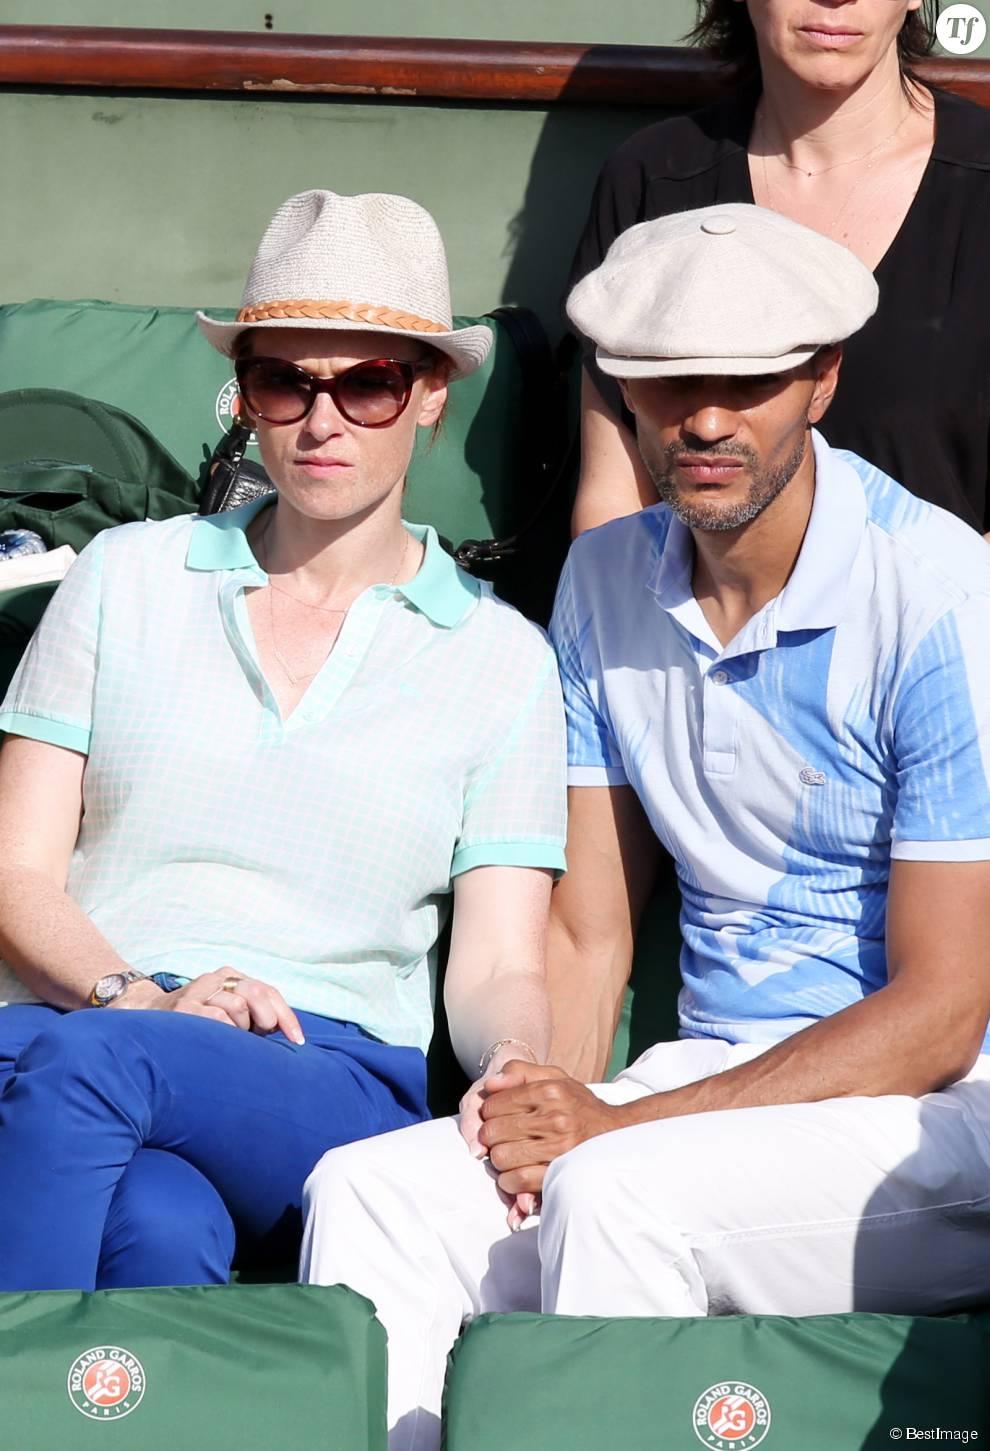 Audrey Fleurot et son nouveau compagnon Djibril Glissant assistent à la finale dame lors des Internationaux de France de tennis de Roland Garros à Paris le 7 juin 2014.